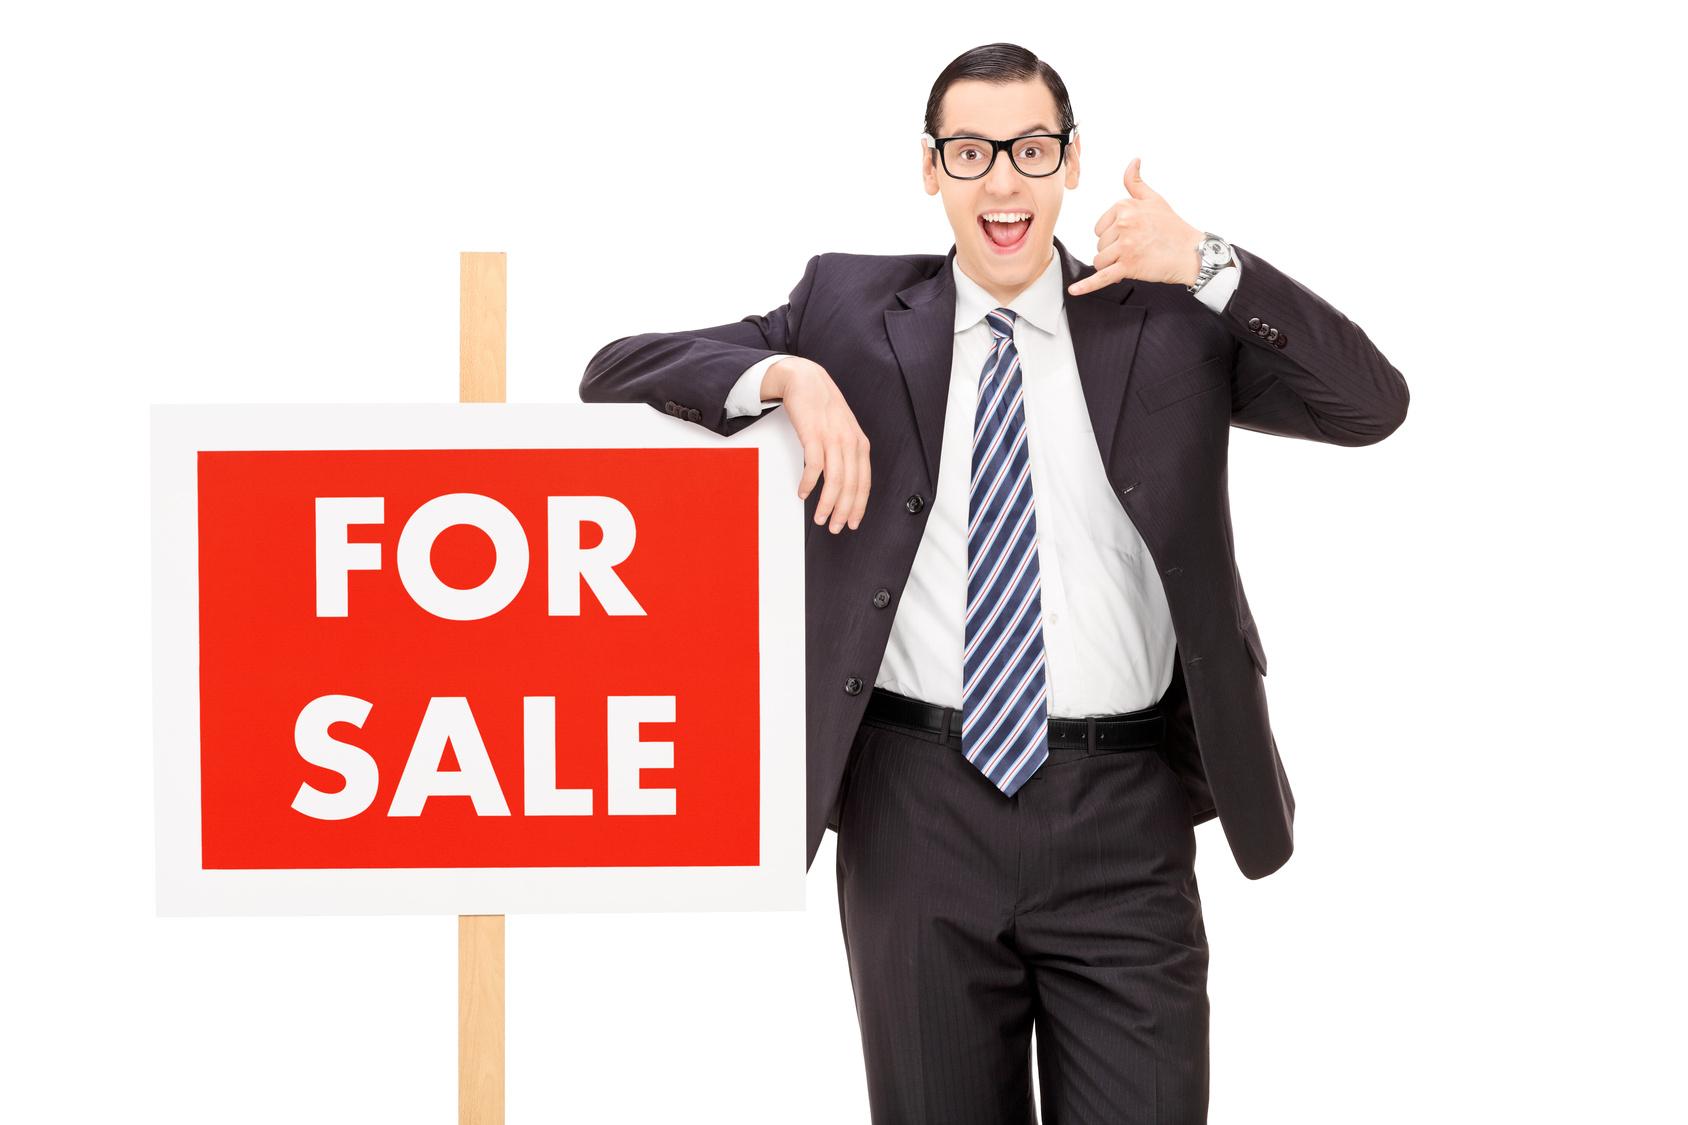 imprimer des panneaux pour agences immobili re panneaux de chantier panneau akilux en 123 clic. Black Bedroom Furniture Sets. Home Design Ideas